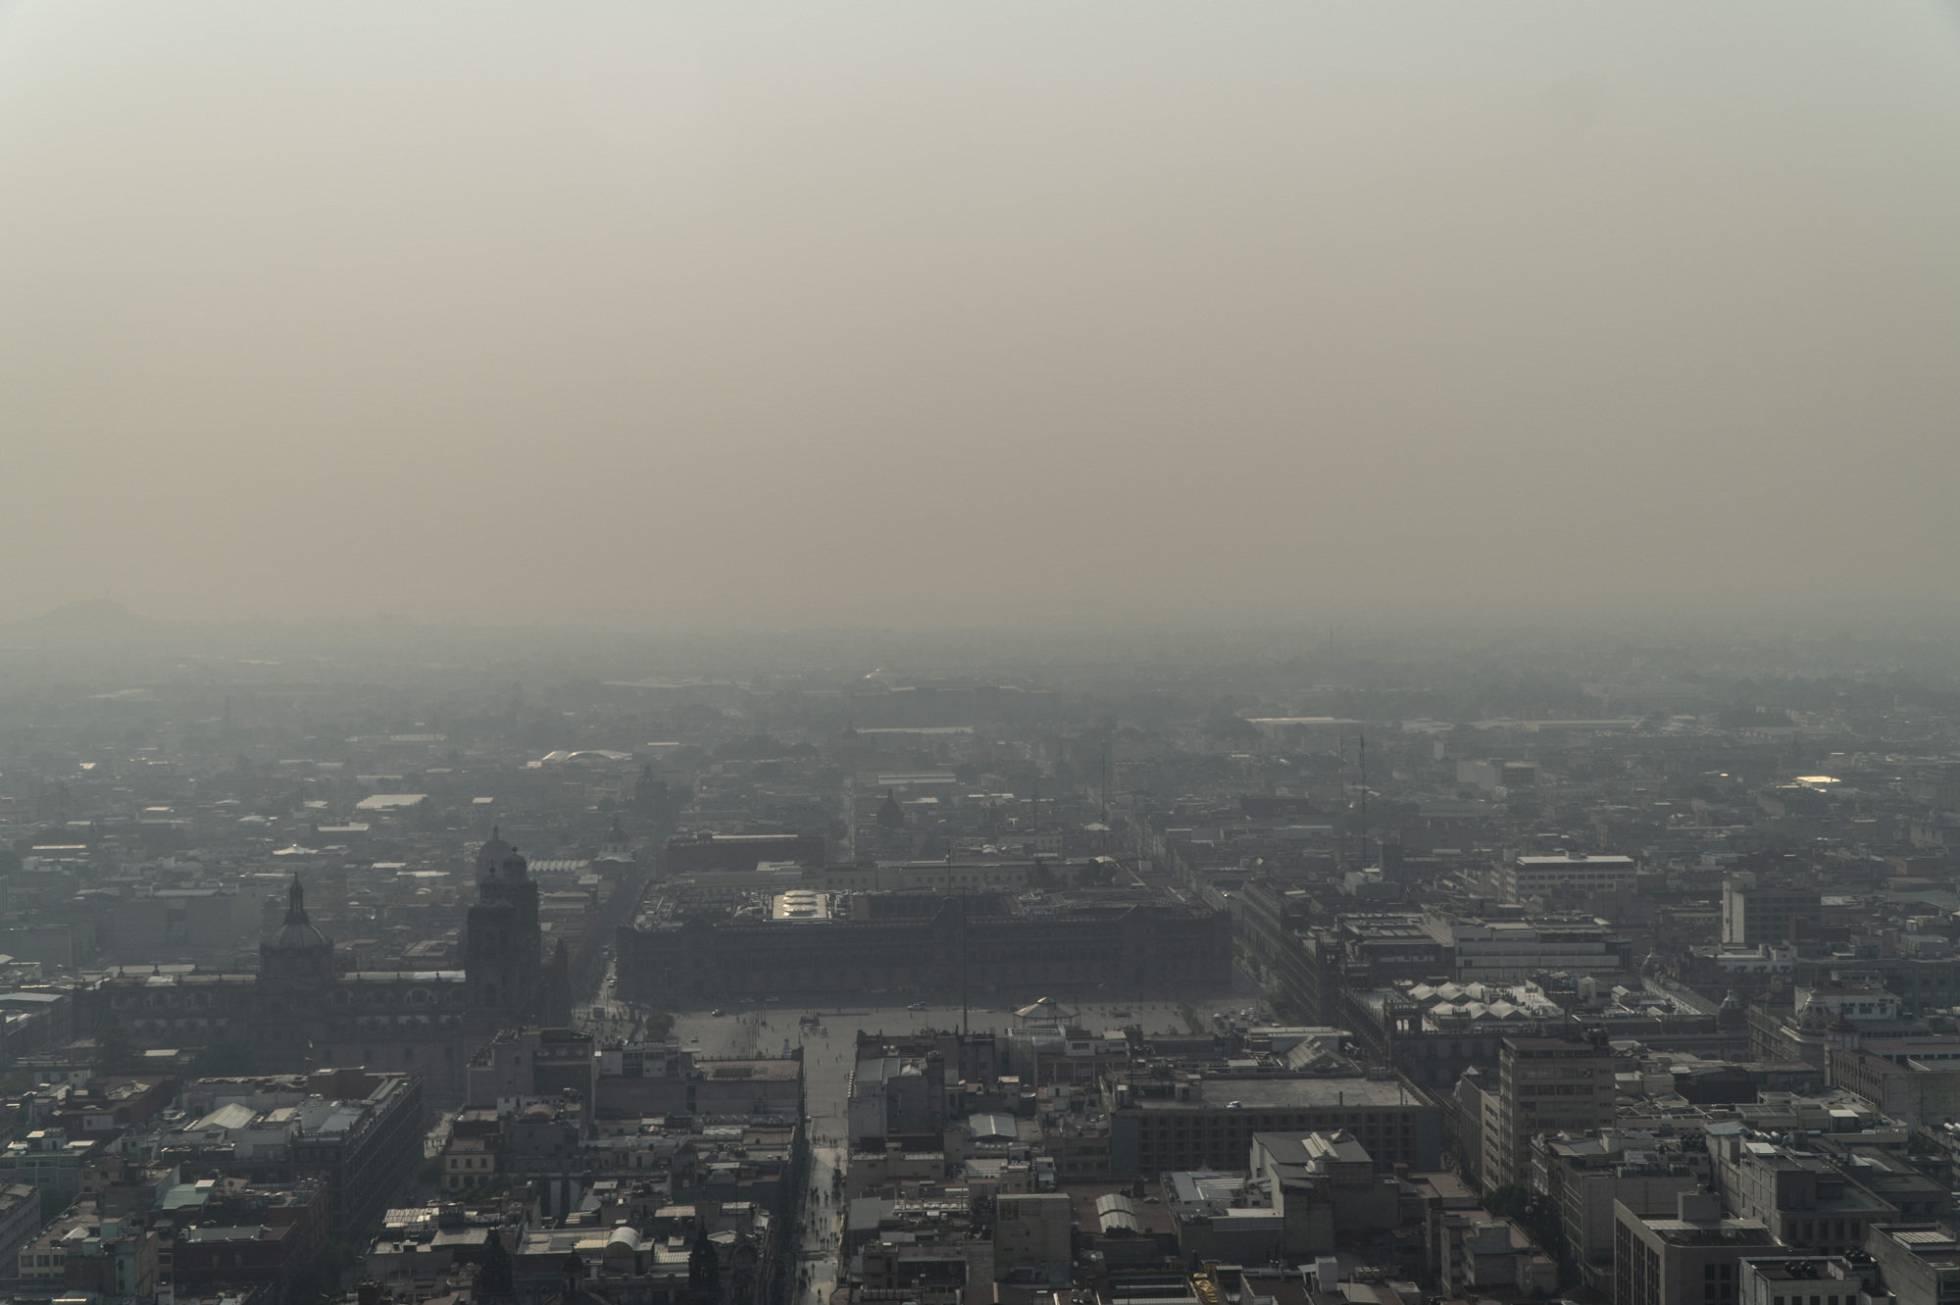 Ciudad de México se vuelve irrespirable por cuarto día consecutivo